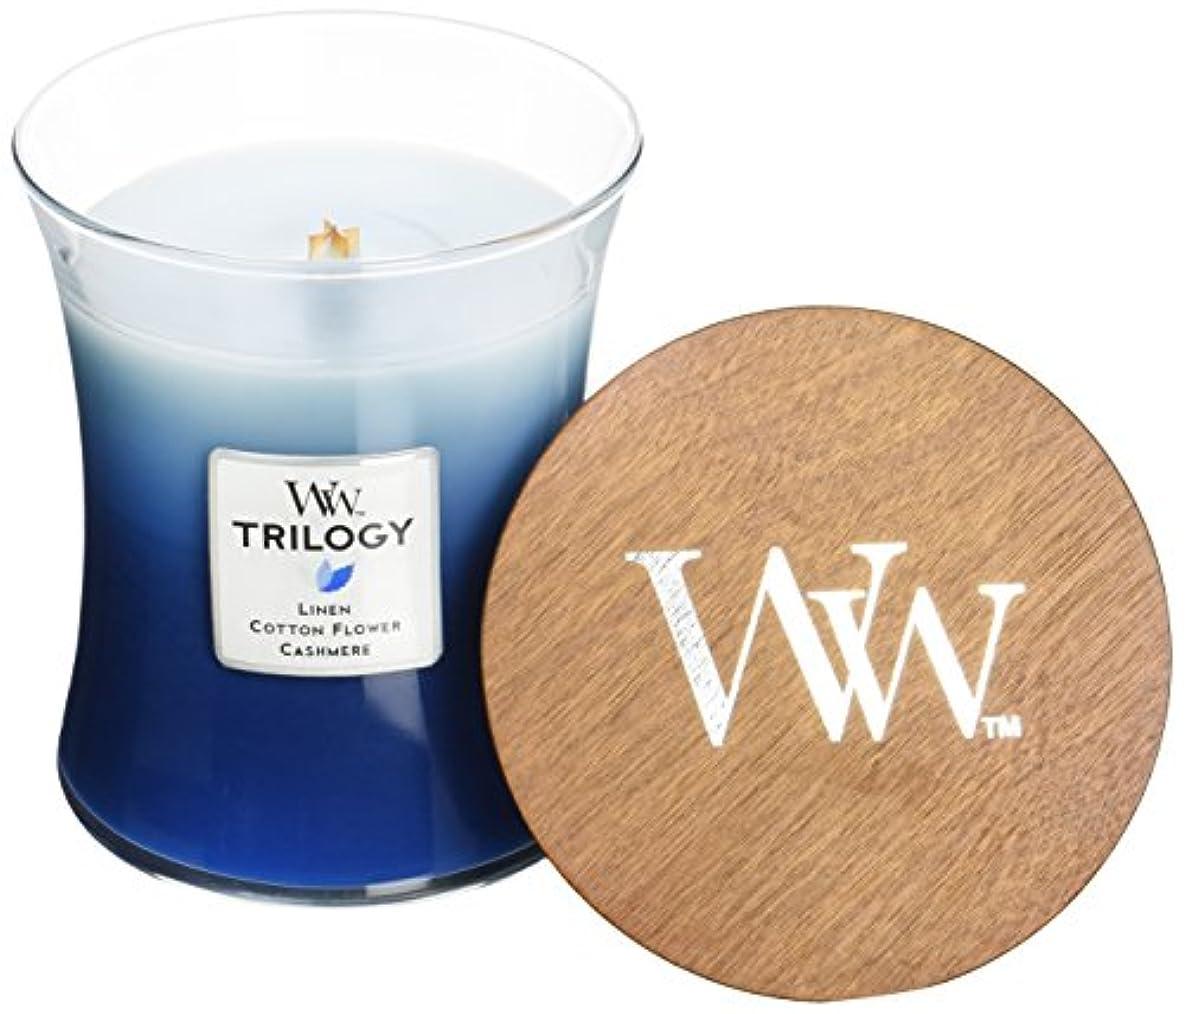 気まぐれな適応する気まぐれなWood Wick ウッドウィック トリロジージャーキャンドルMサイズ クローズライン